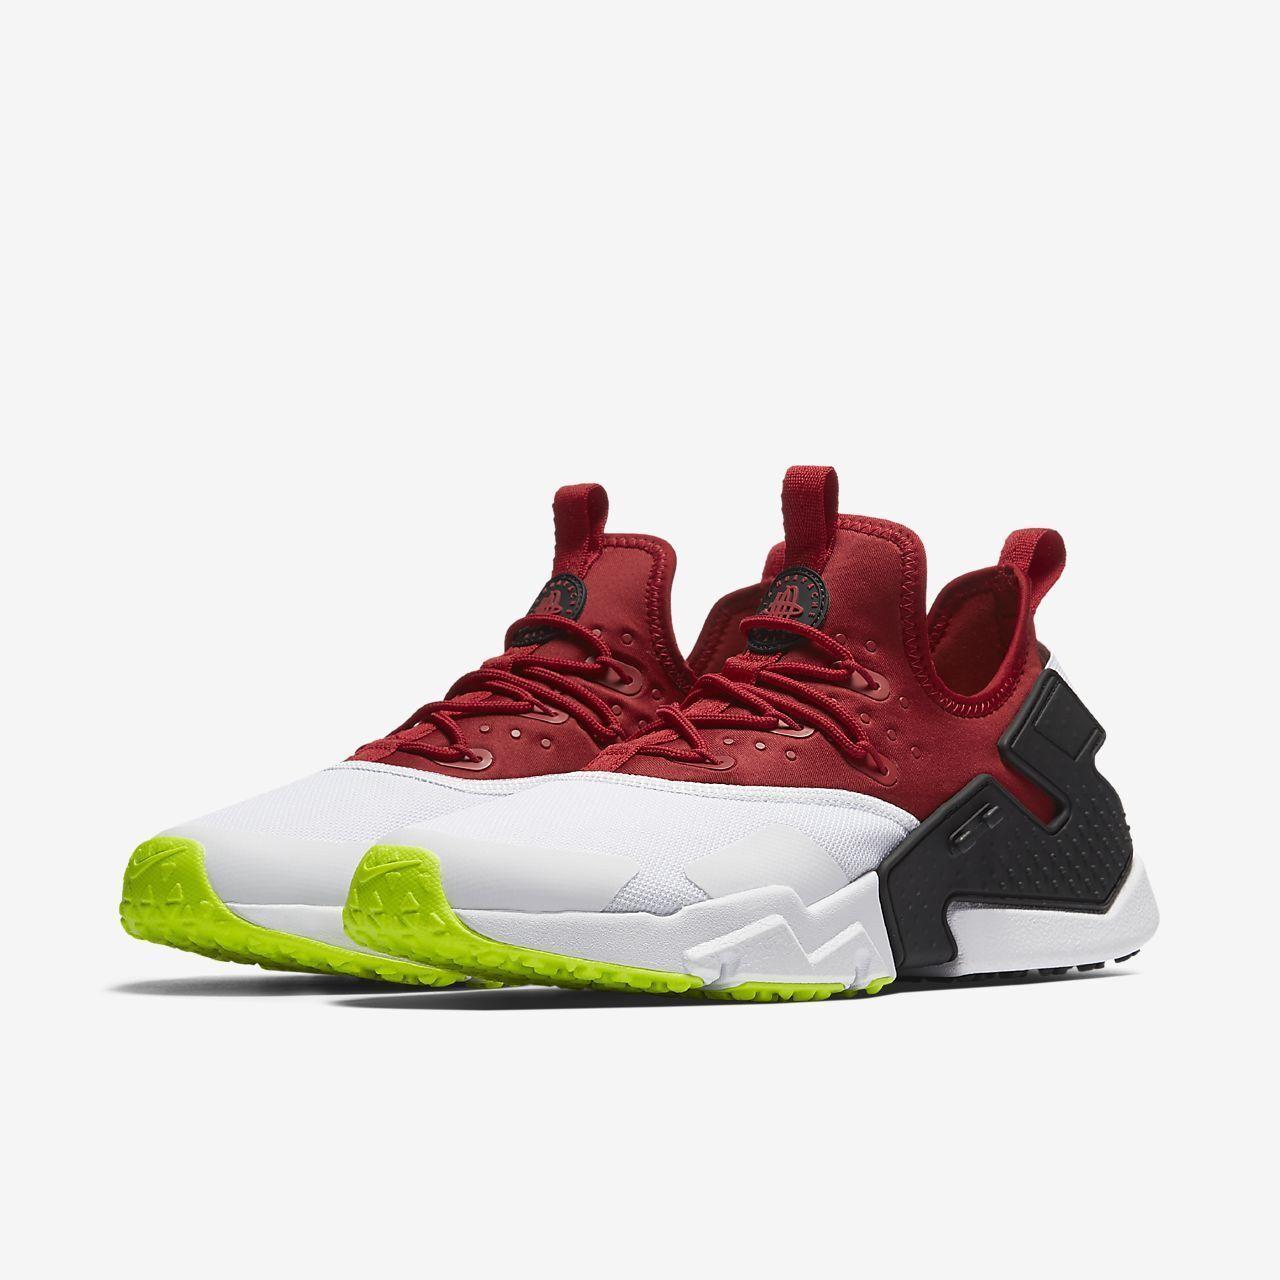 Nike Air Huarache Run Drift Red AH7334 601 Mens Size 11.5  Vapormax Prm QS Japan